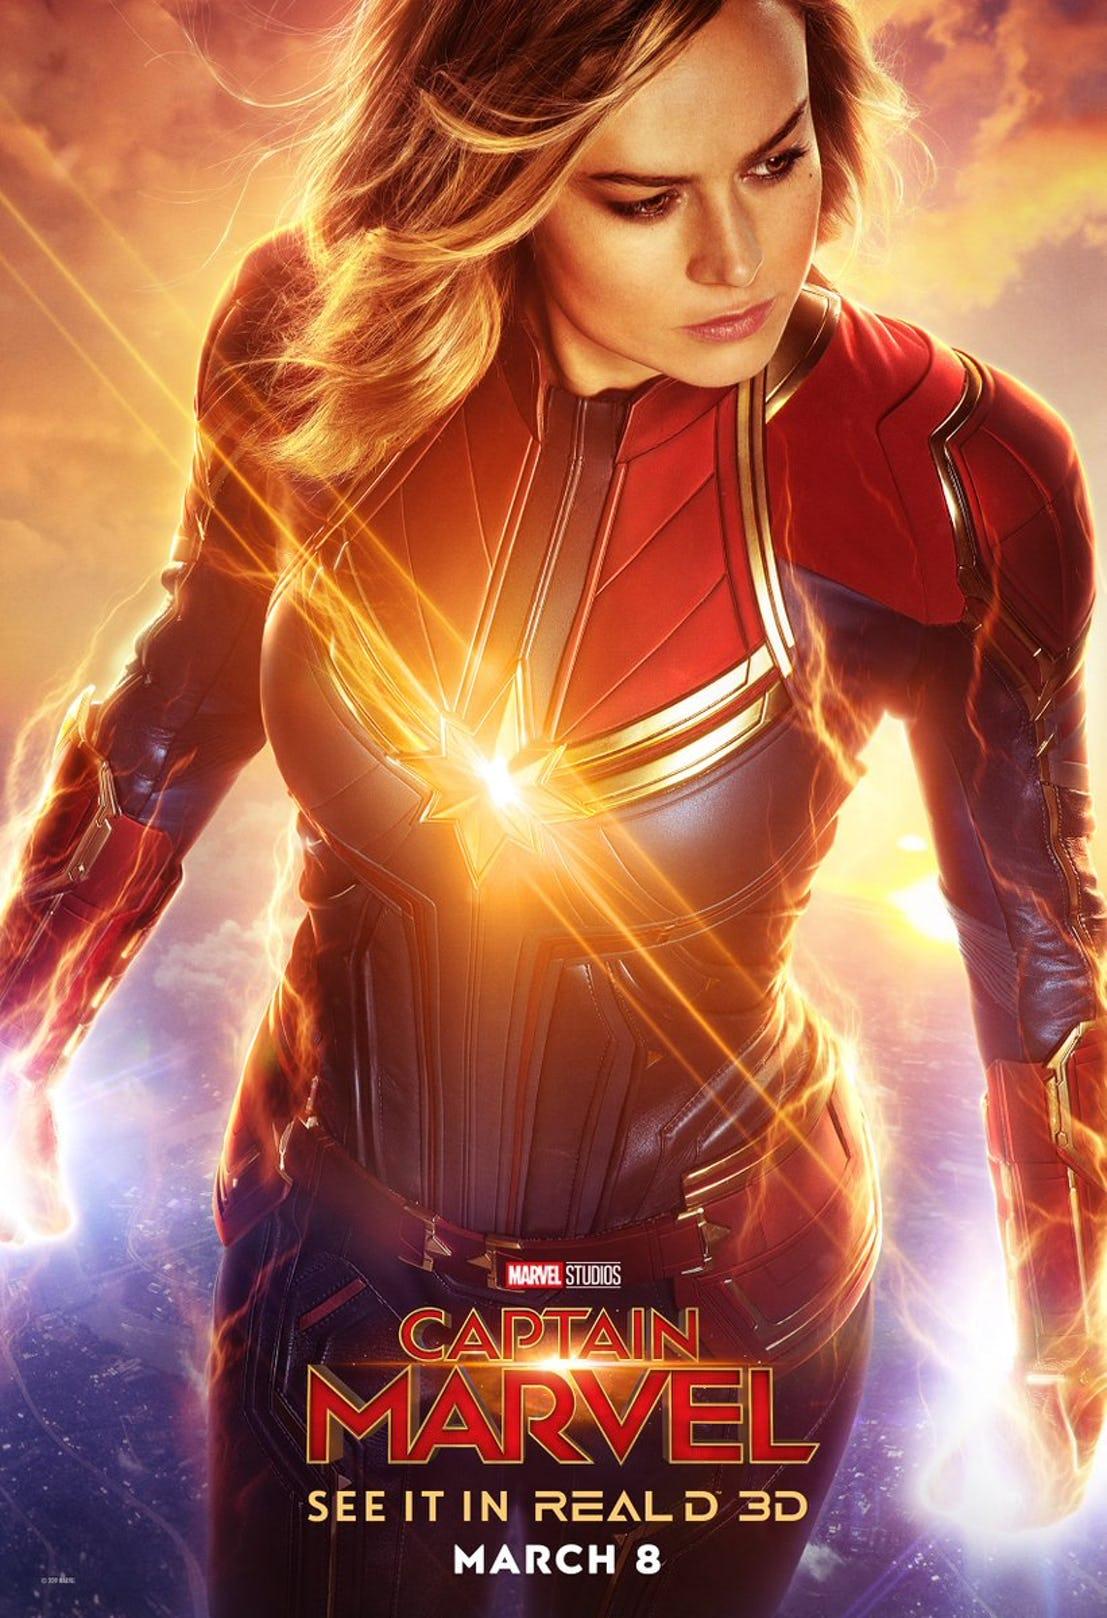 پوسترهای جدید فیلم کاپیتان مارول